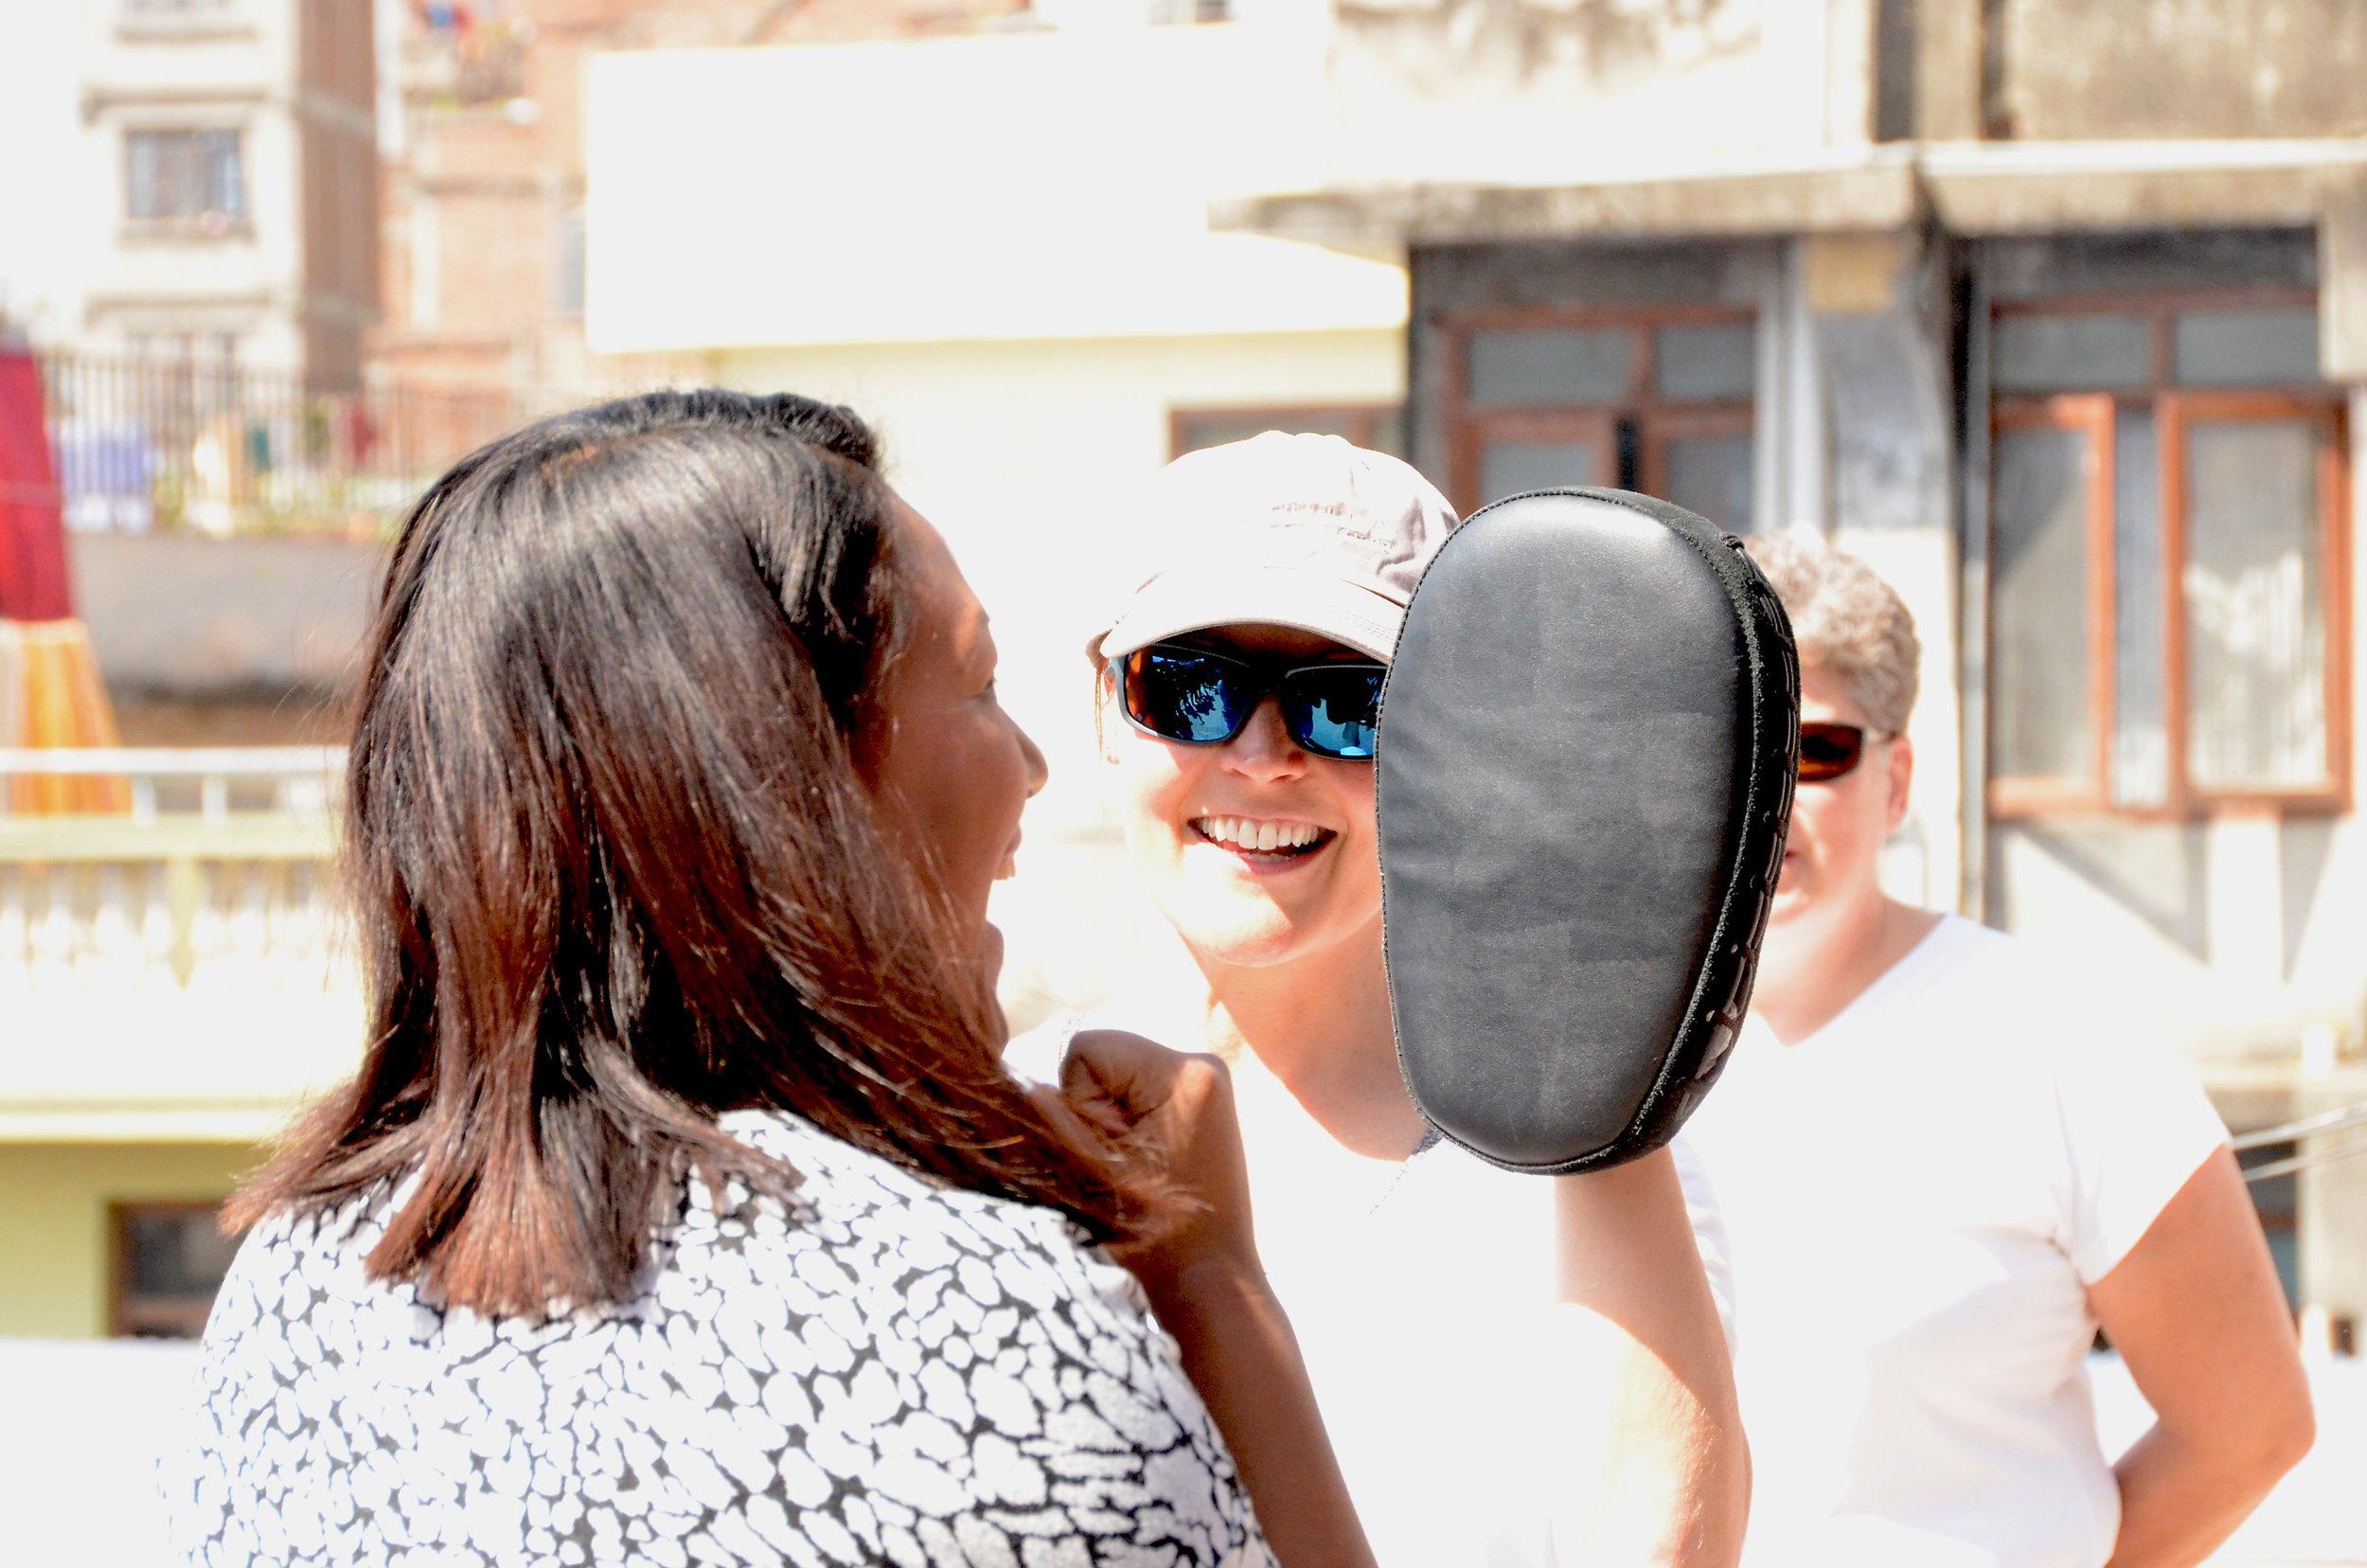 Teaching Self-Defense in Kathmandu, Nepal